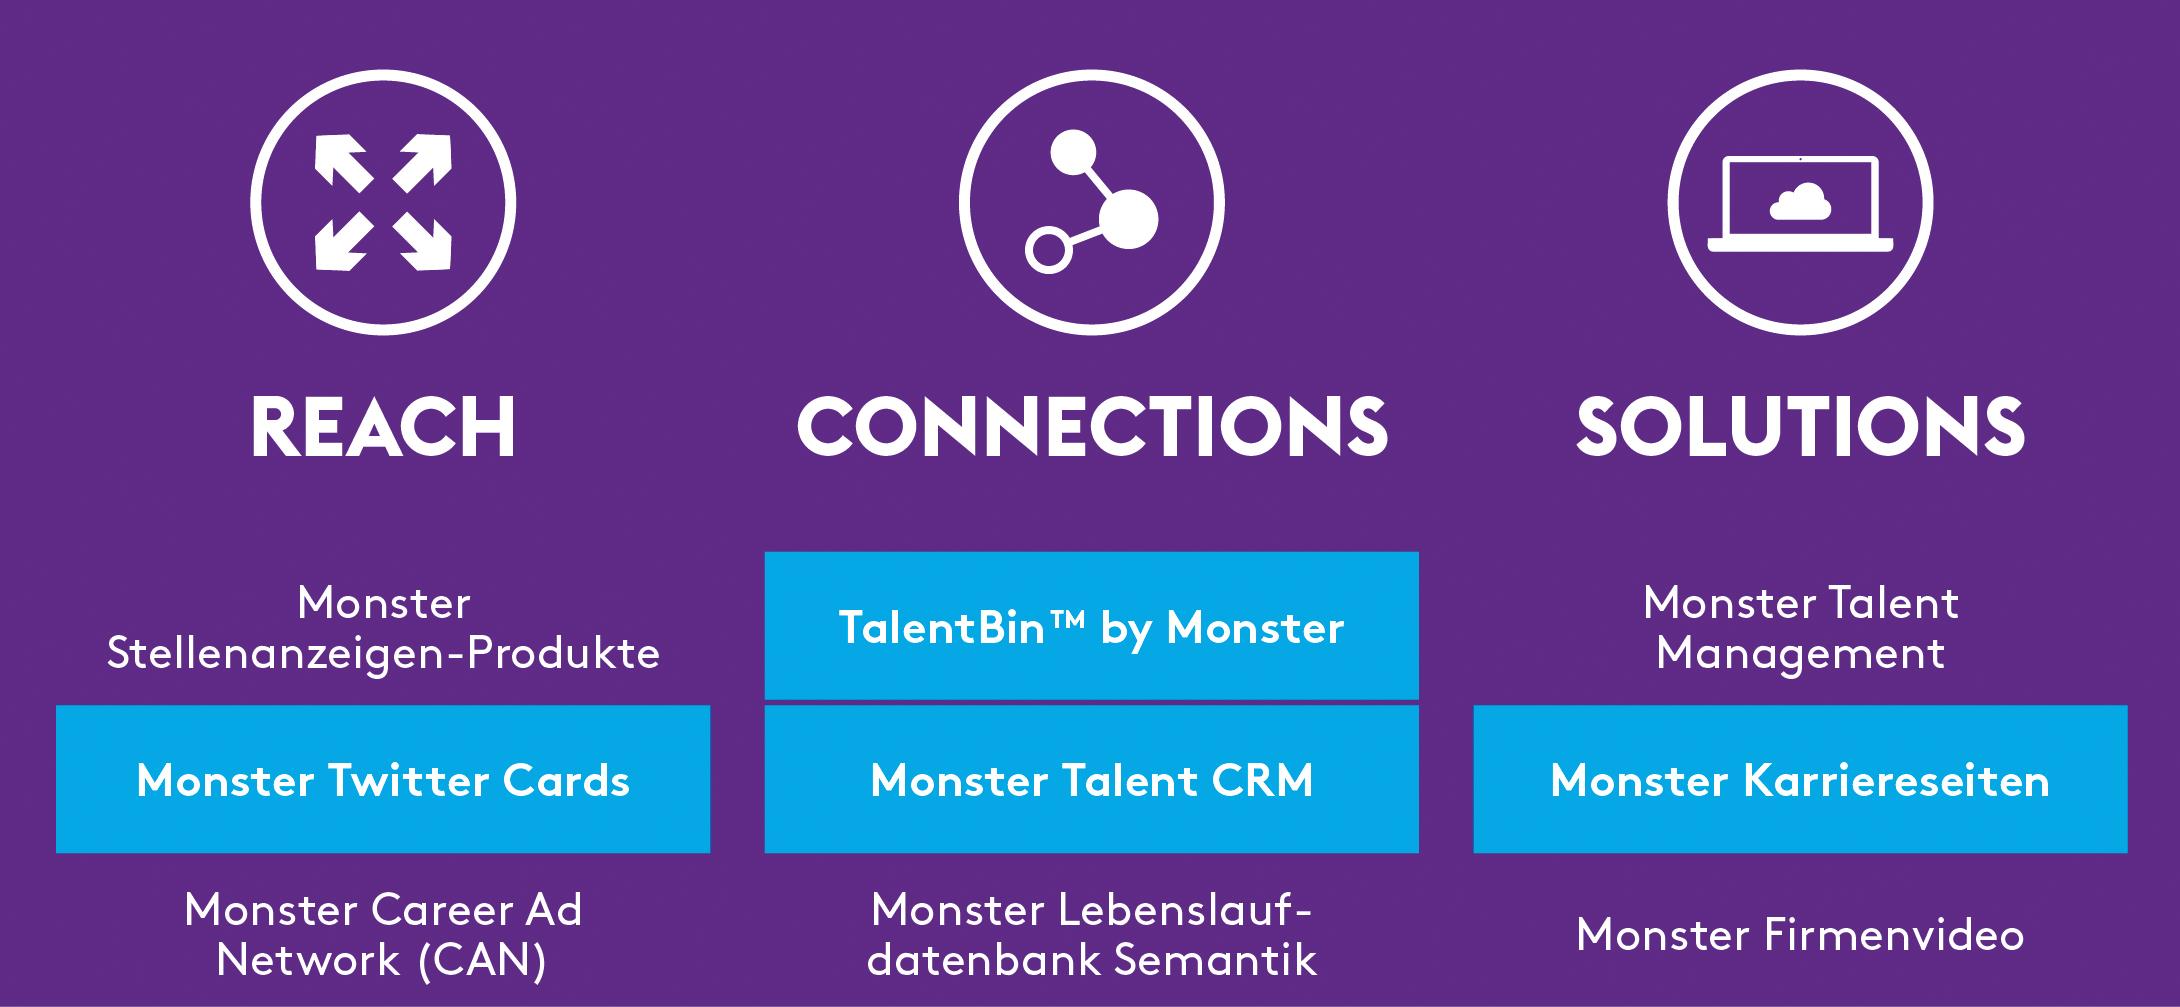 Monster stellt neues Produktportfolio vor | Pressemitteilung Monster ...